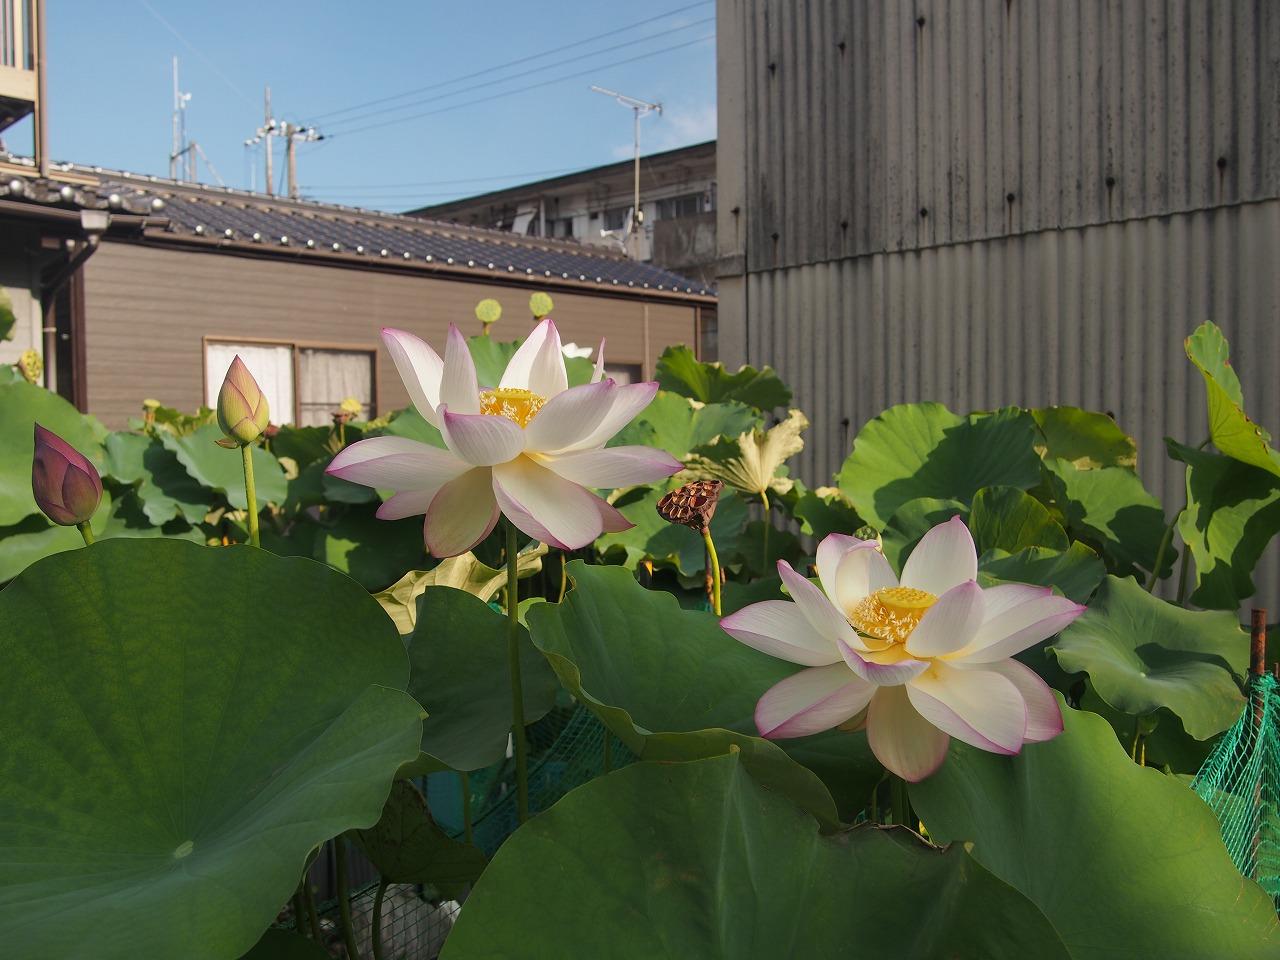 20170809-Lotus_TsumabeniChawanbasu-O01.jpg